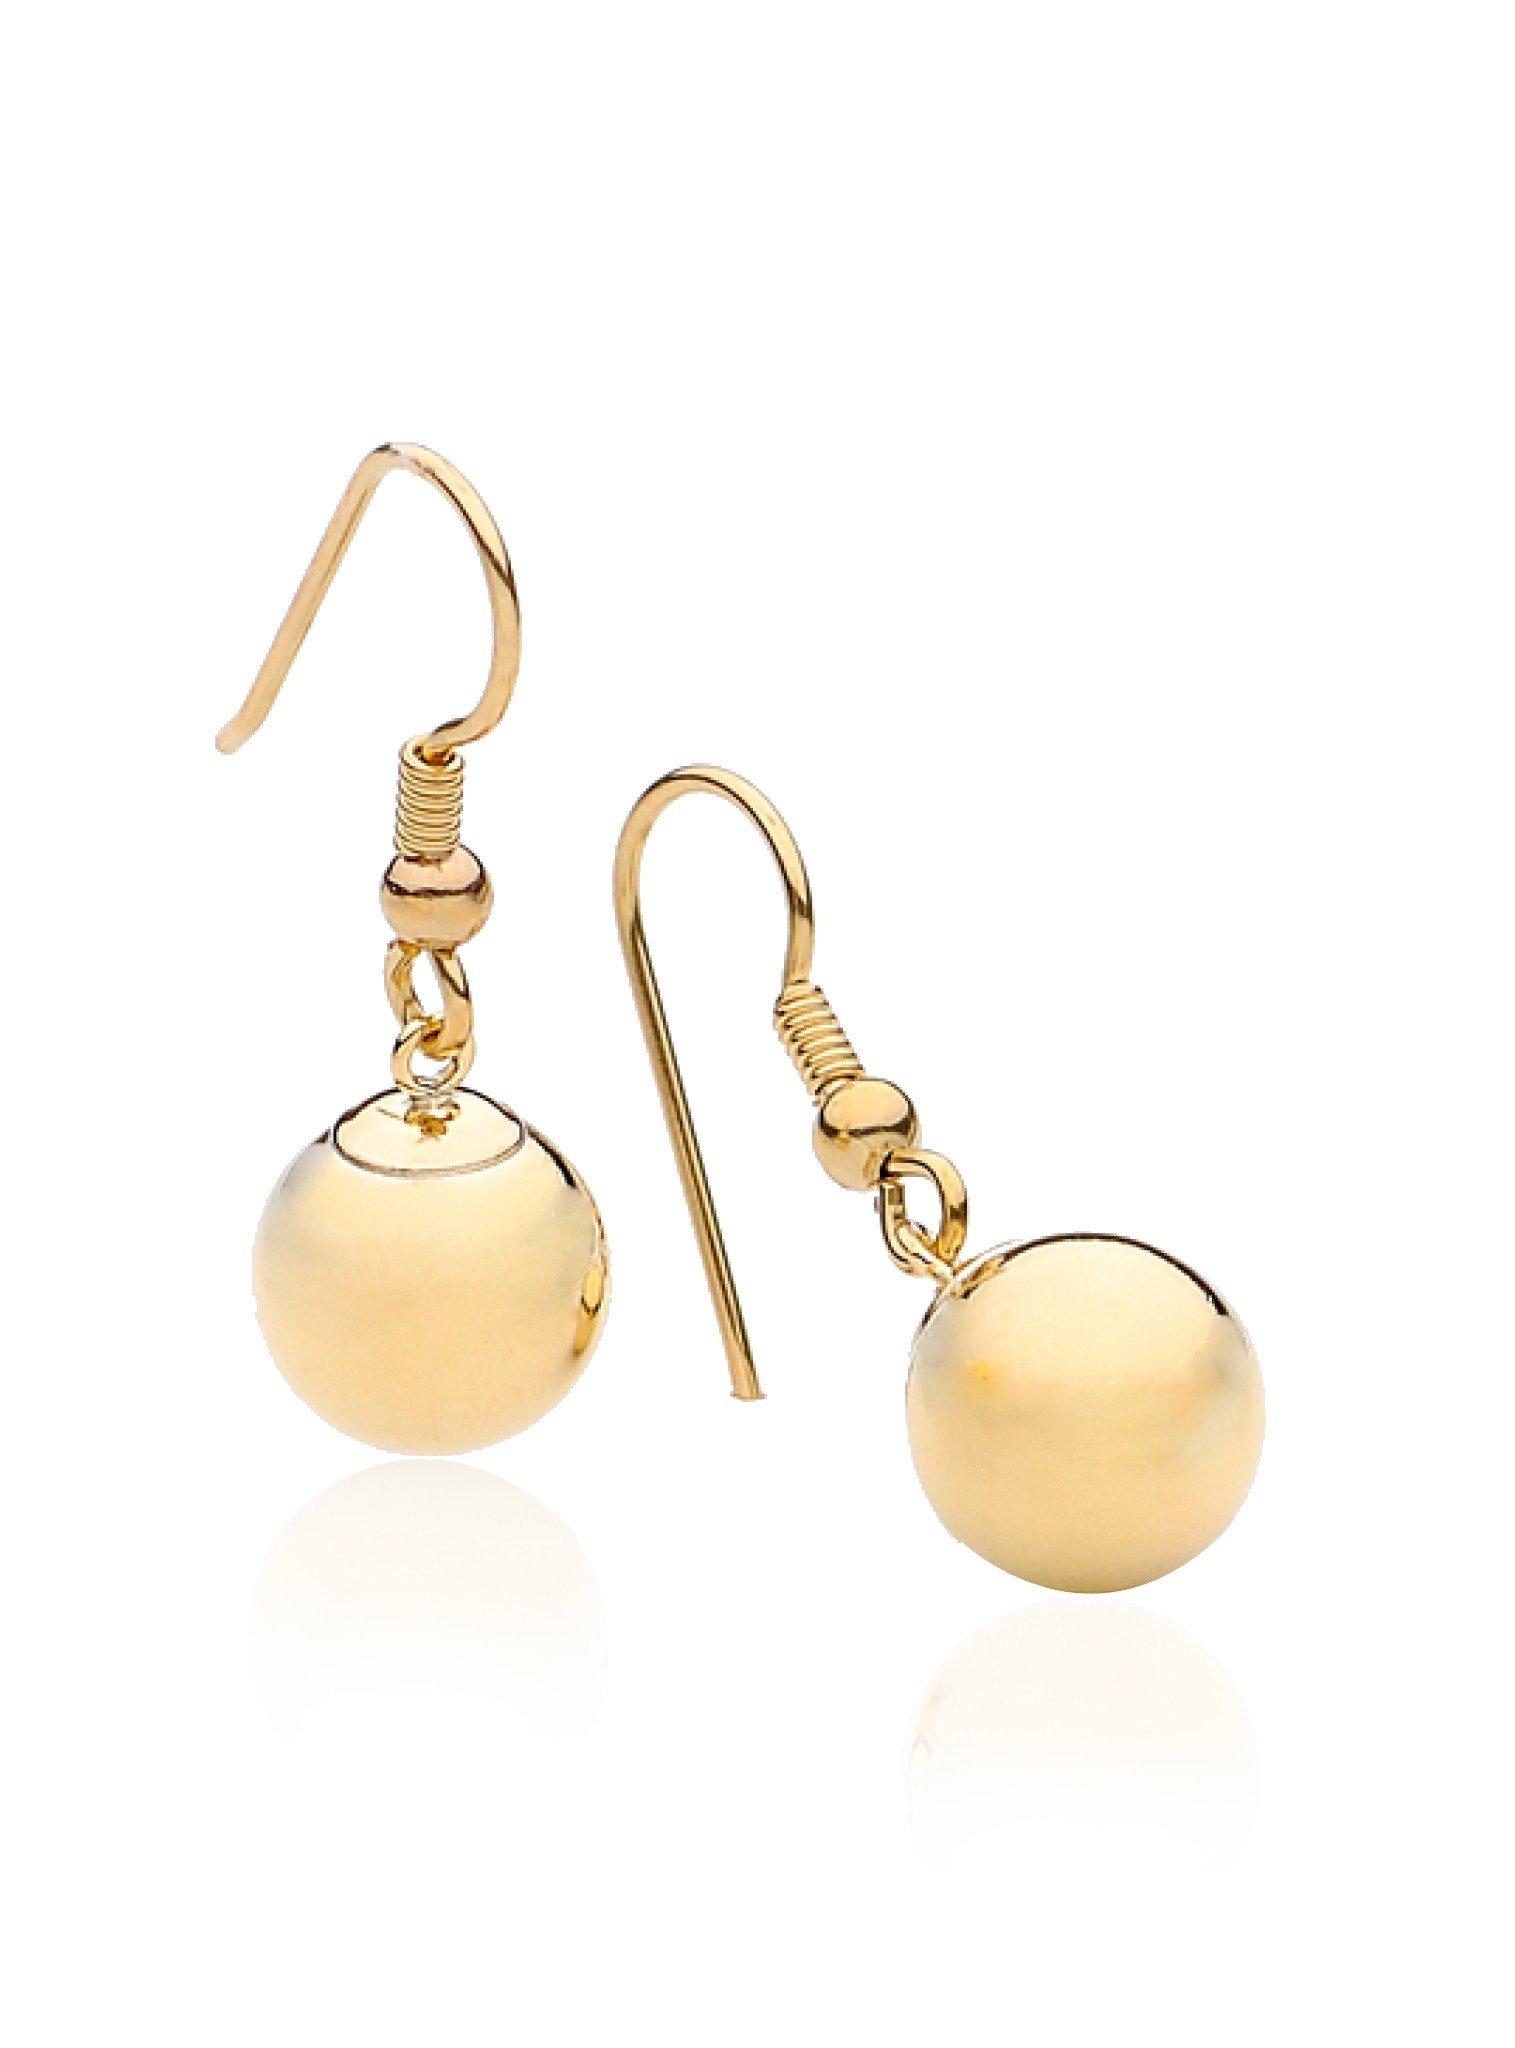 Ball Bead Hook Earrings in Rolled Gold